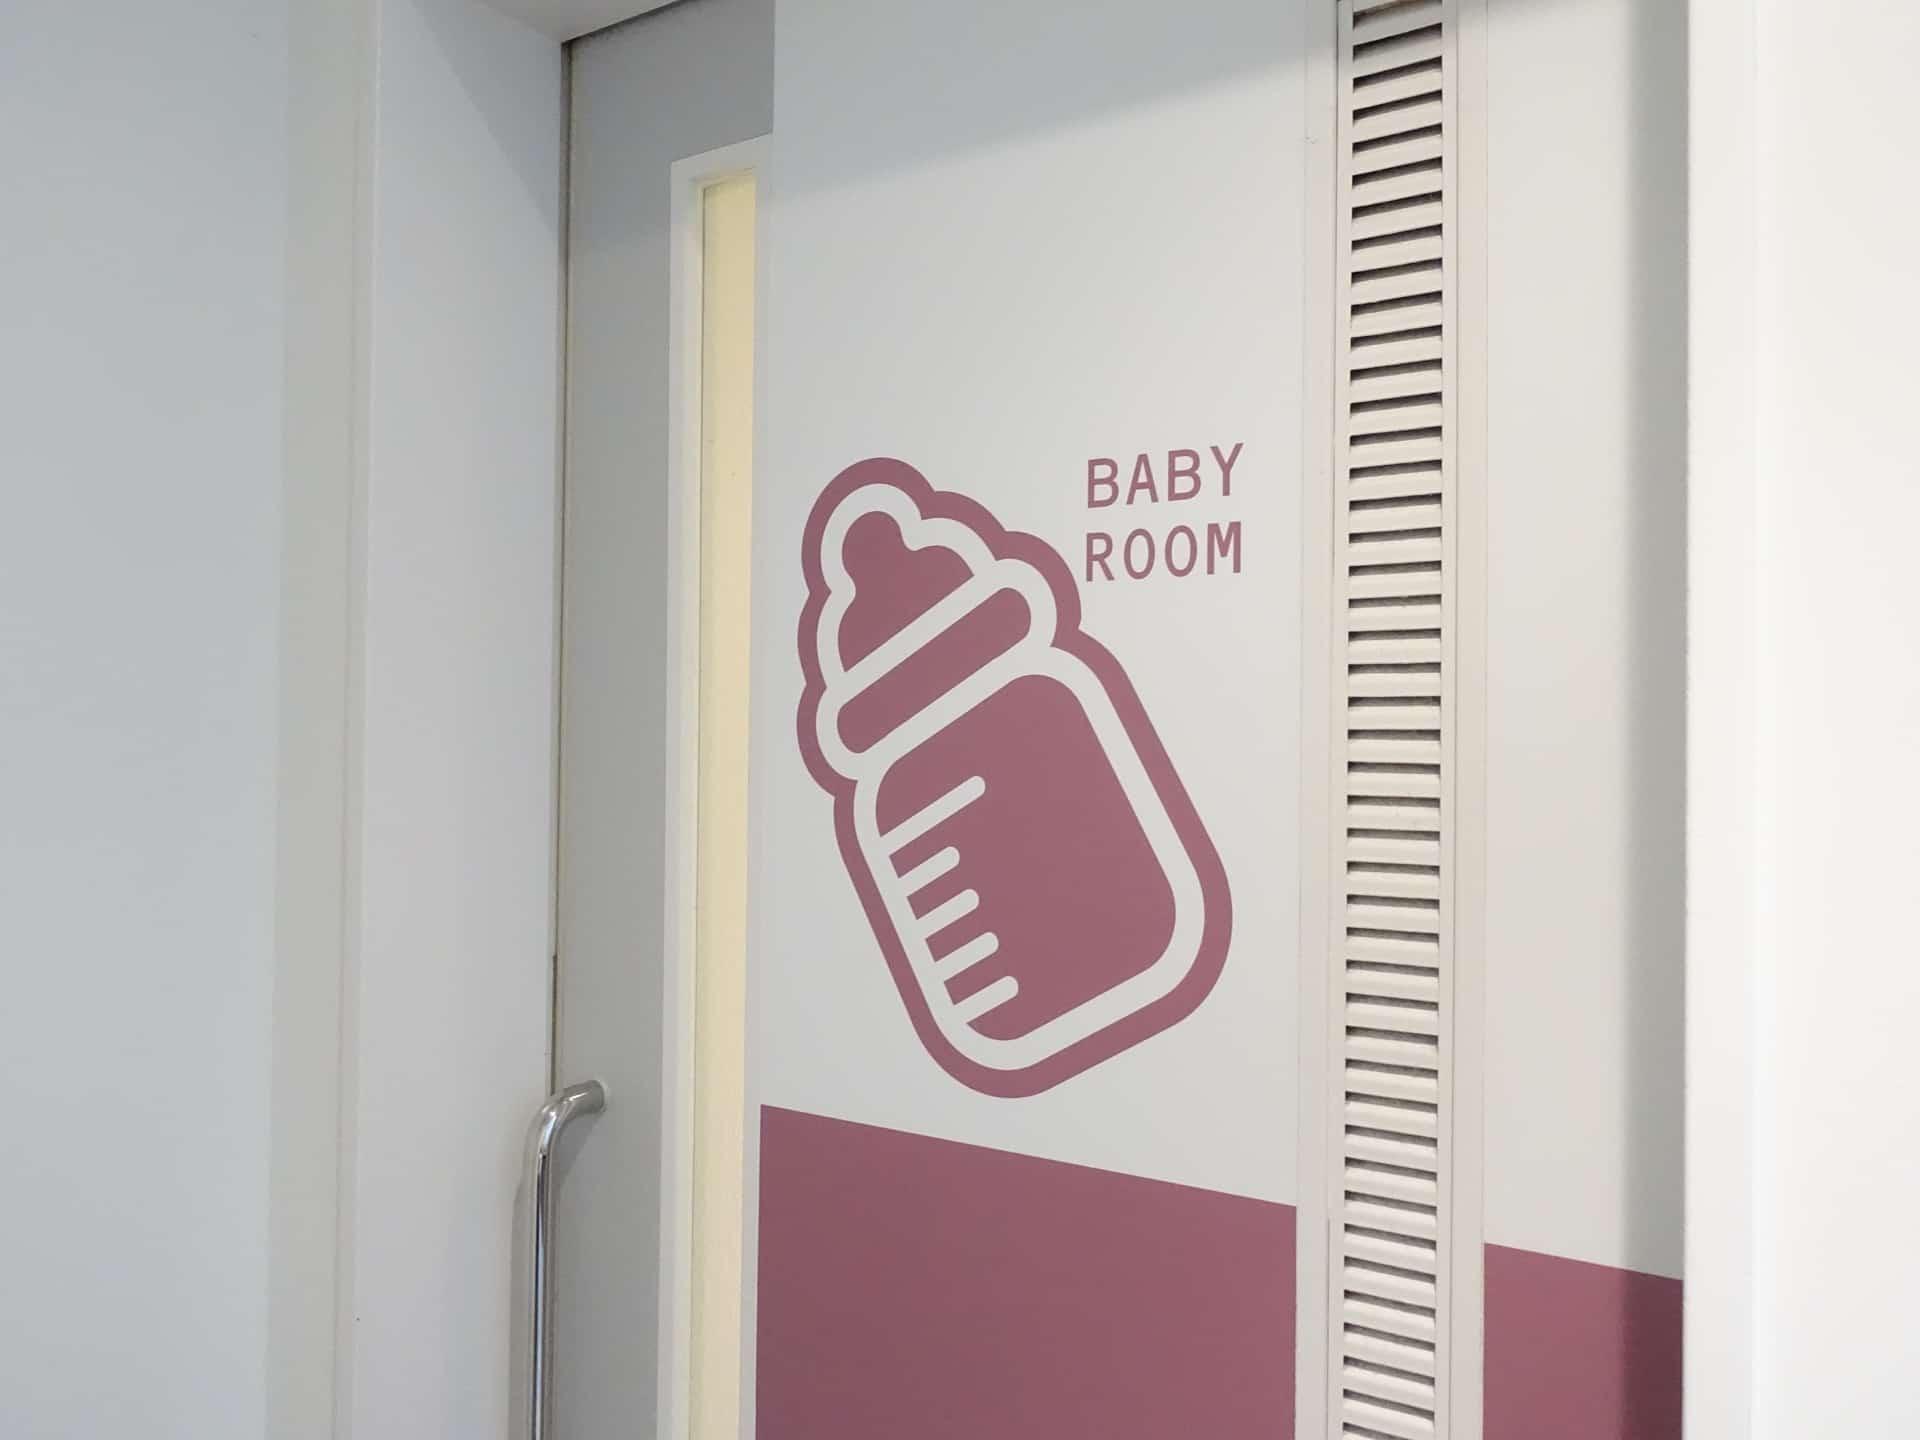 神戸空港の授乳室を詳しくレポ!ミルク用のお湯・電子レンジ・オムツ替え台あり